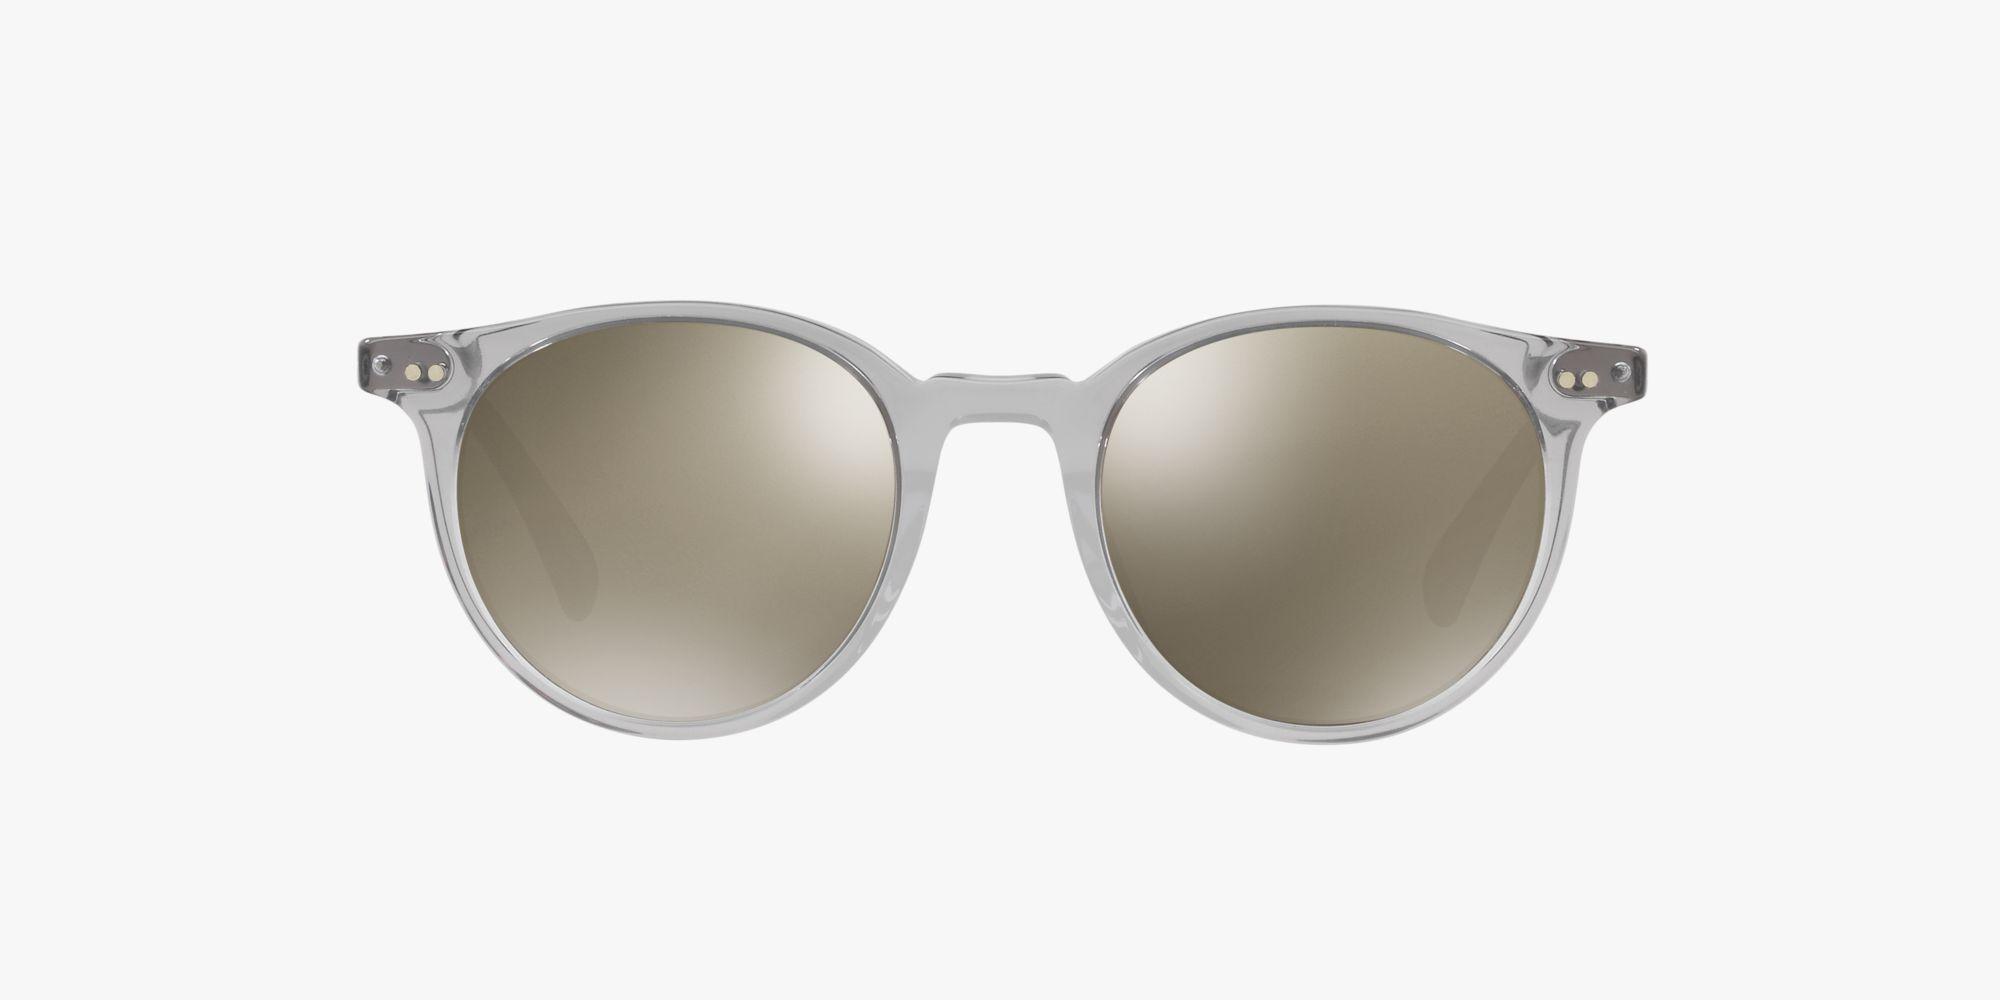 82651995d5 Sun OV5314SU - Workman Grey - Grey Goldtone - Acetate